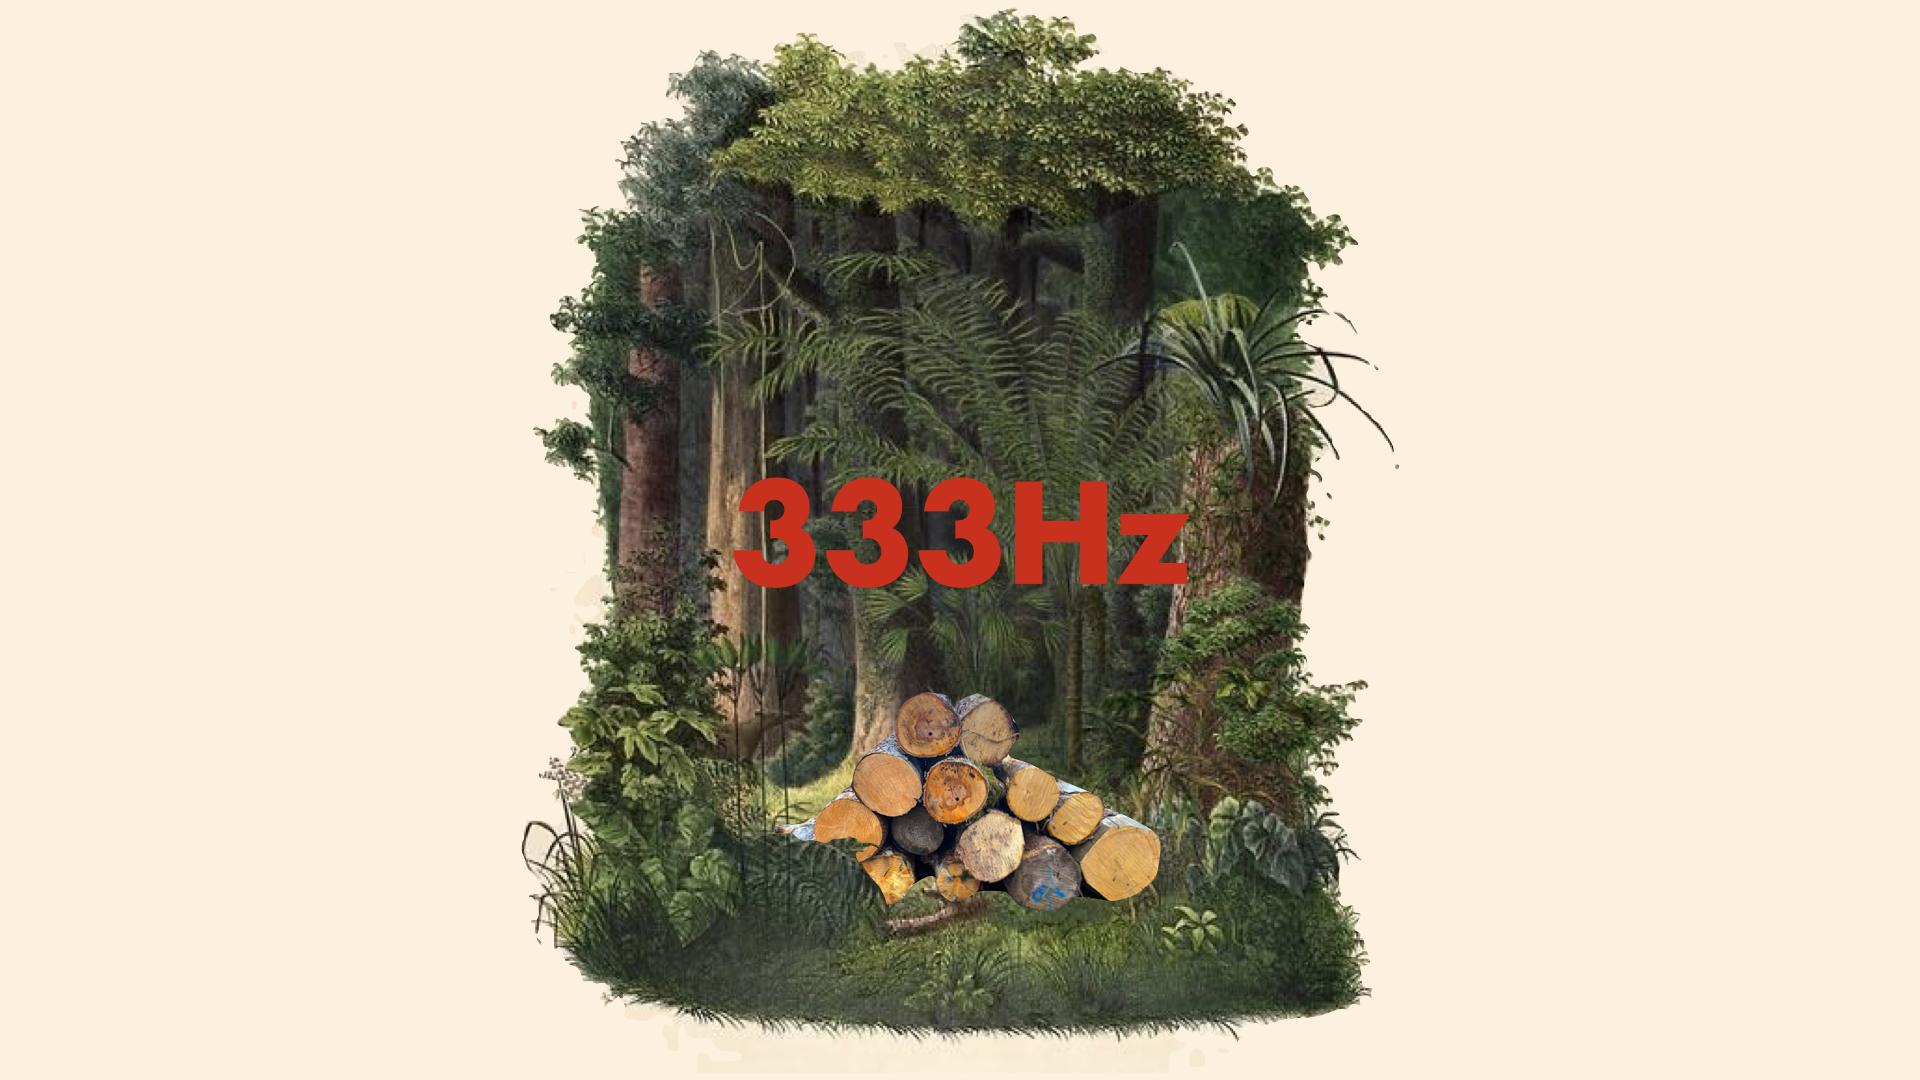 Exposition - 333 Hz, Antoine Bertin